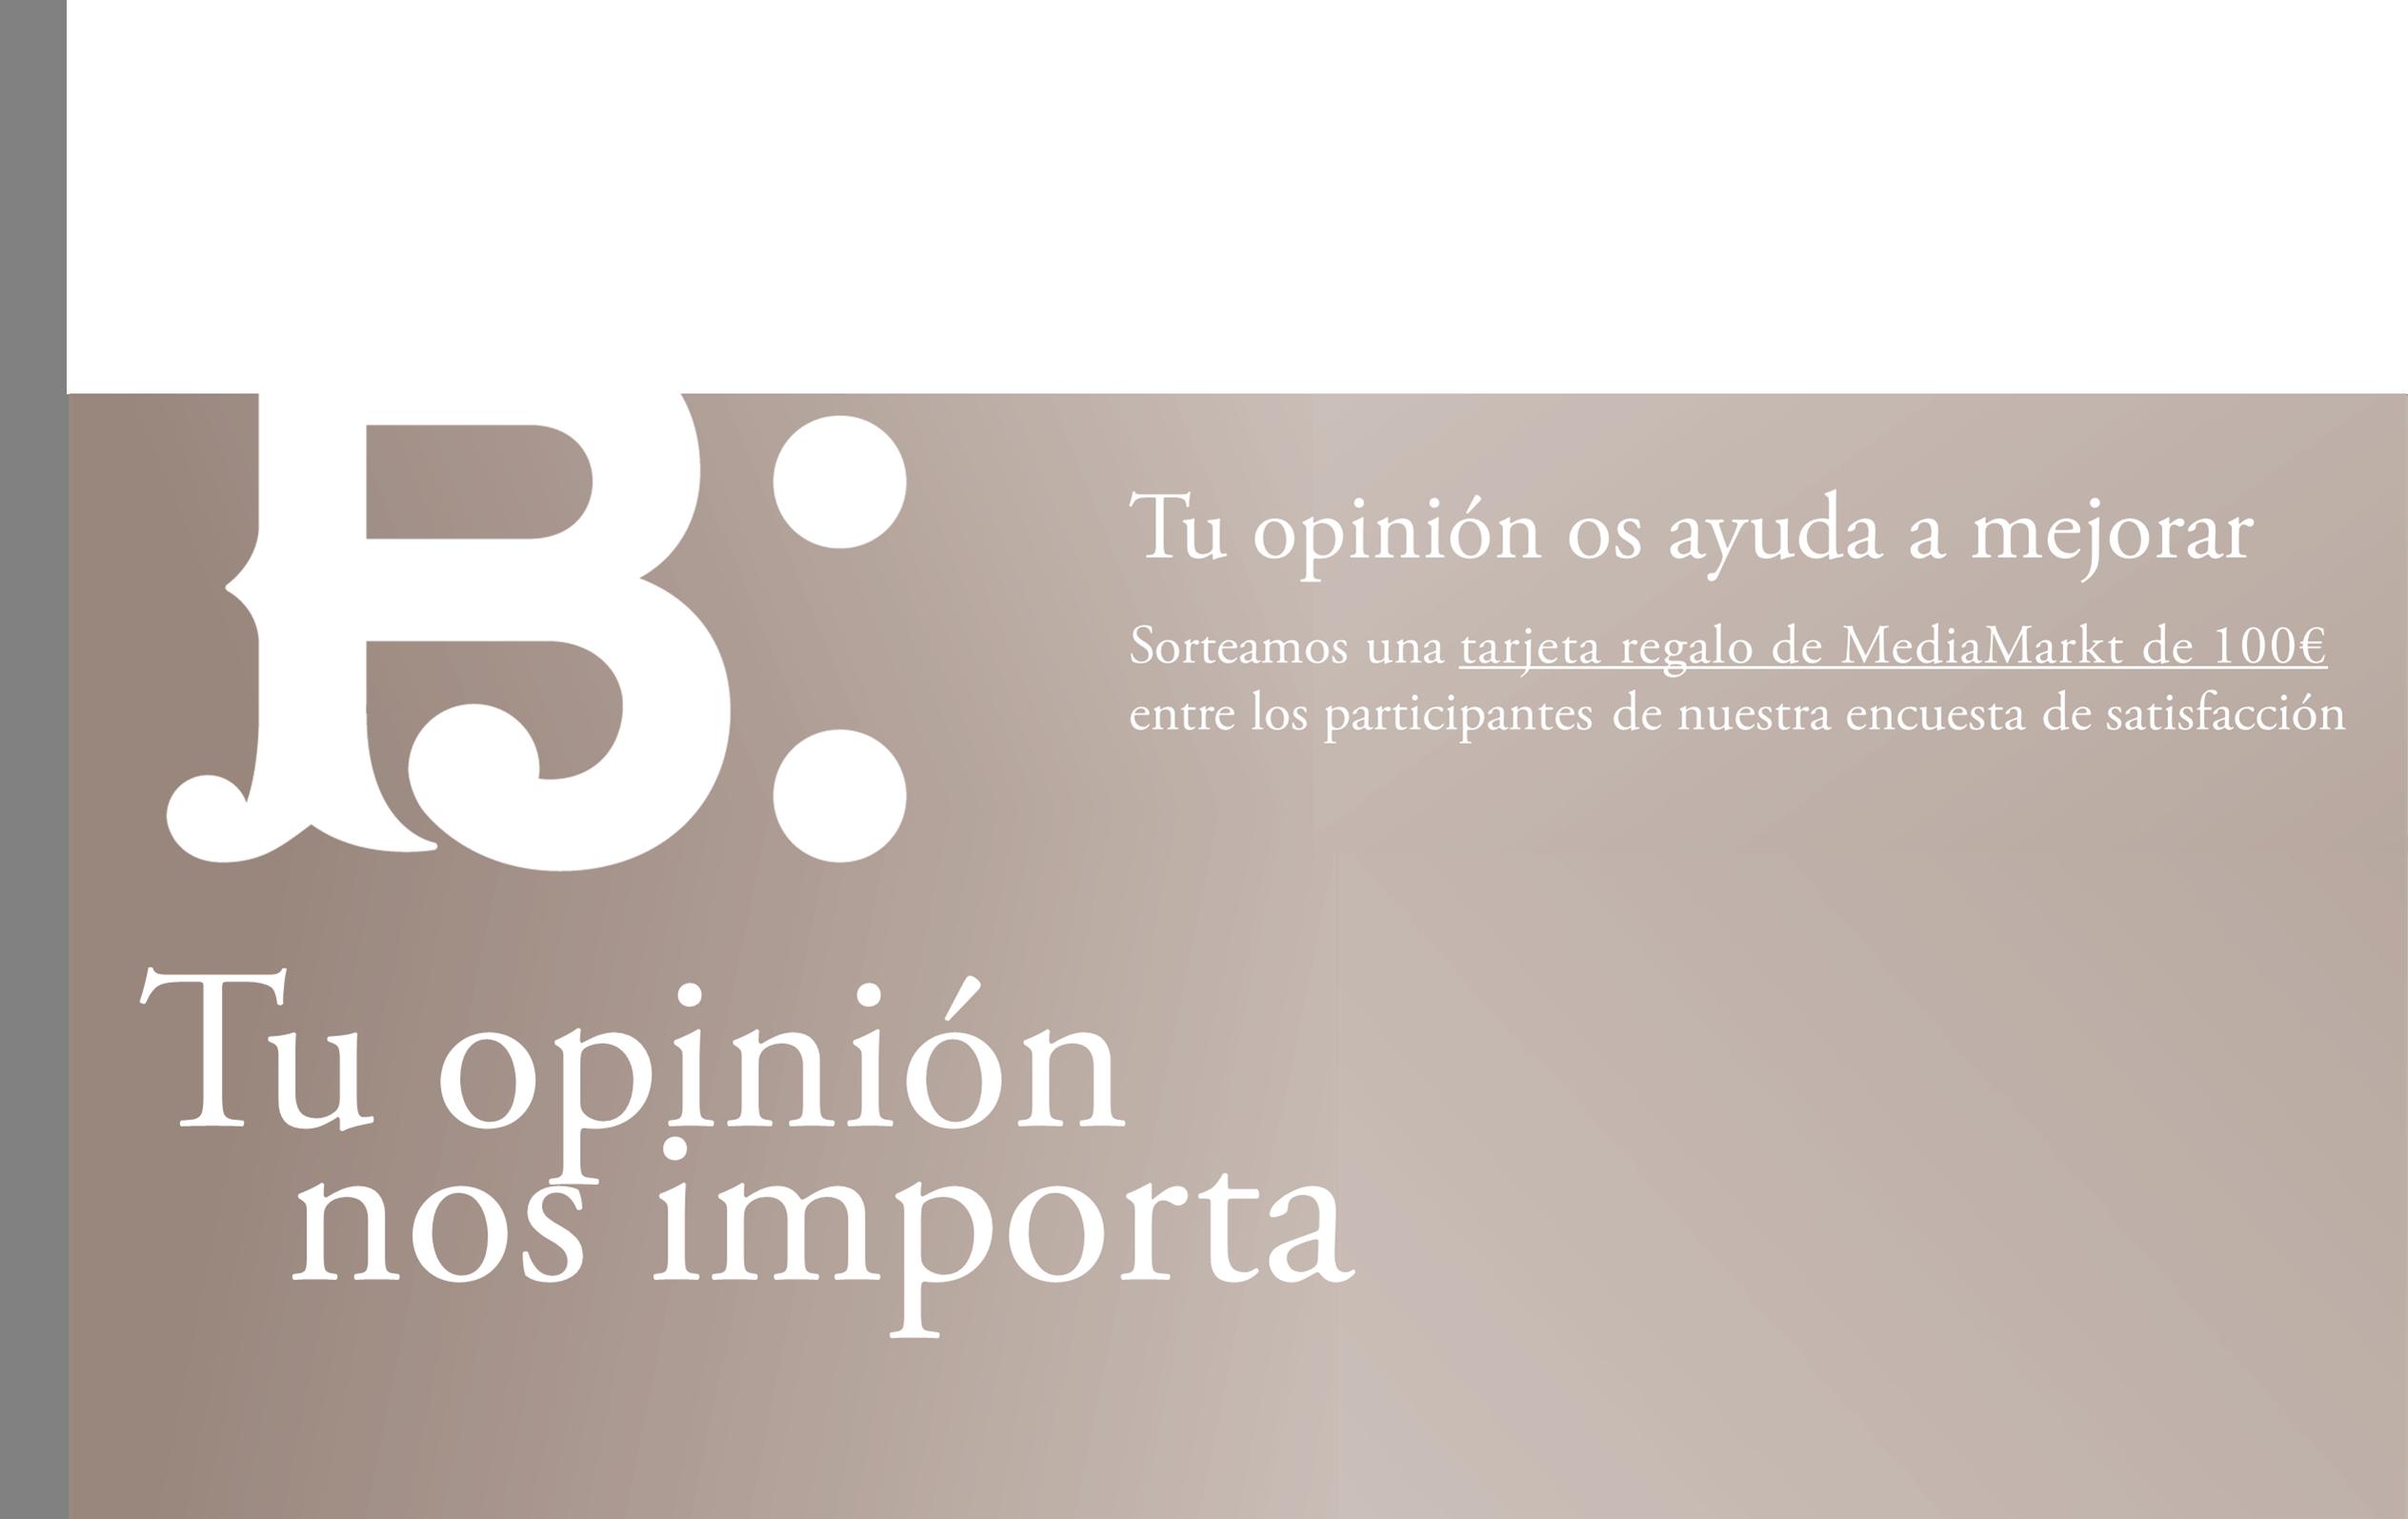 opinion-nos-ayuda-mejorar